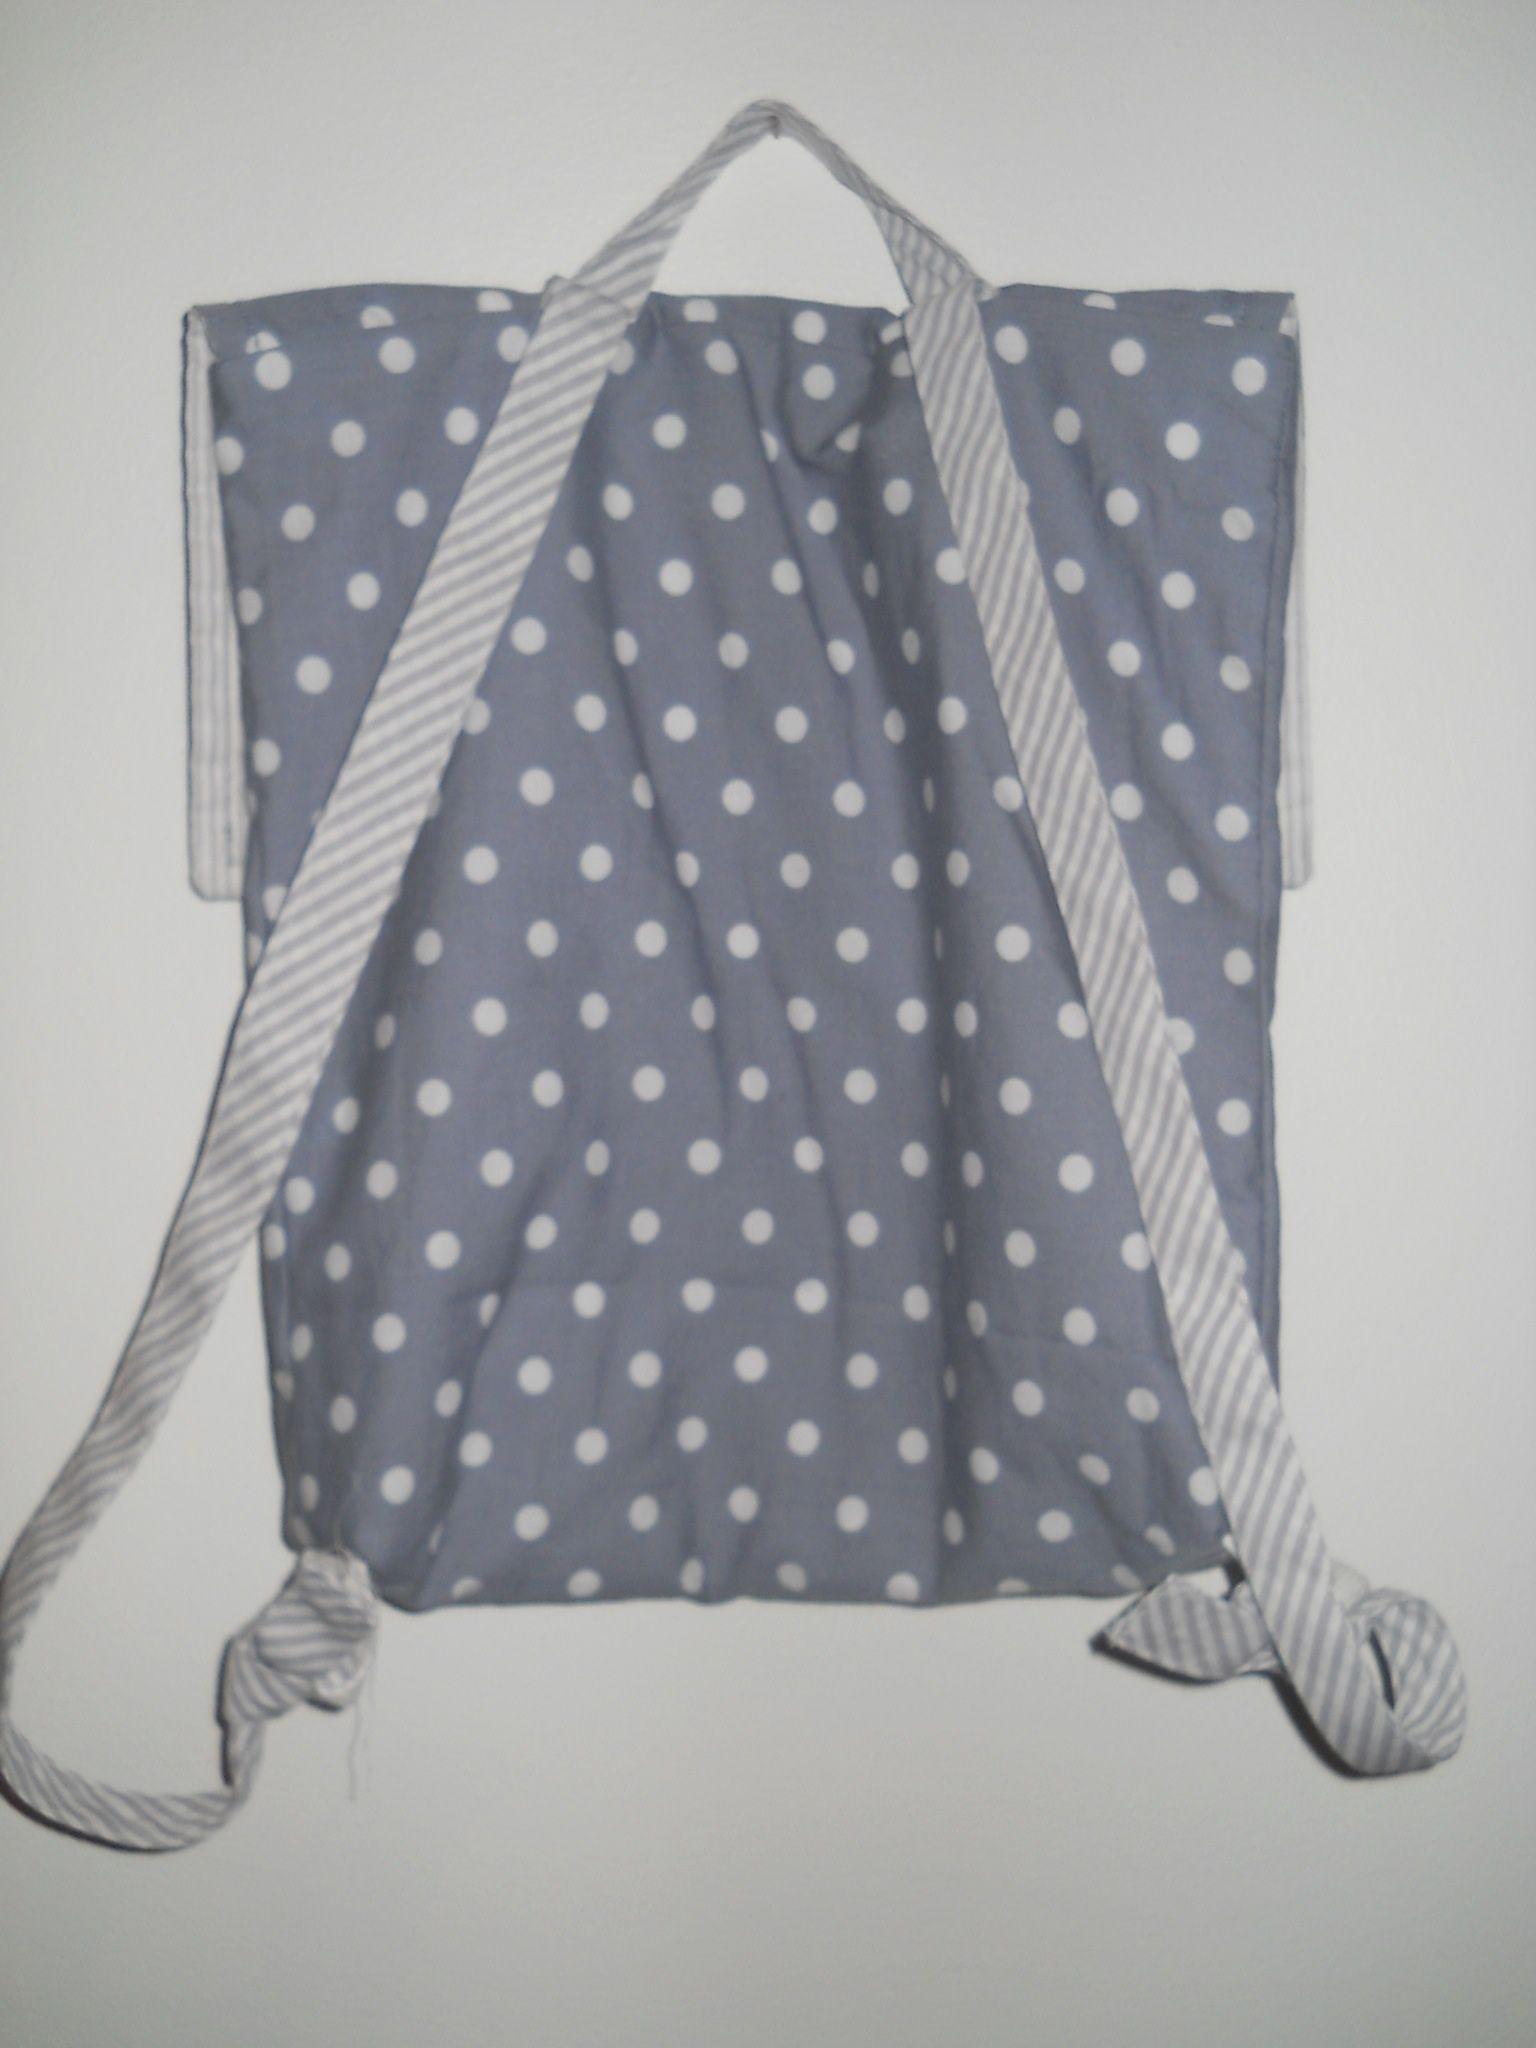 Cartable maternelle gris à pois blanc bretelles rayées gris et blanc